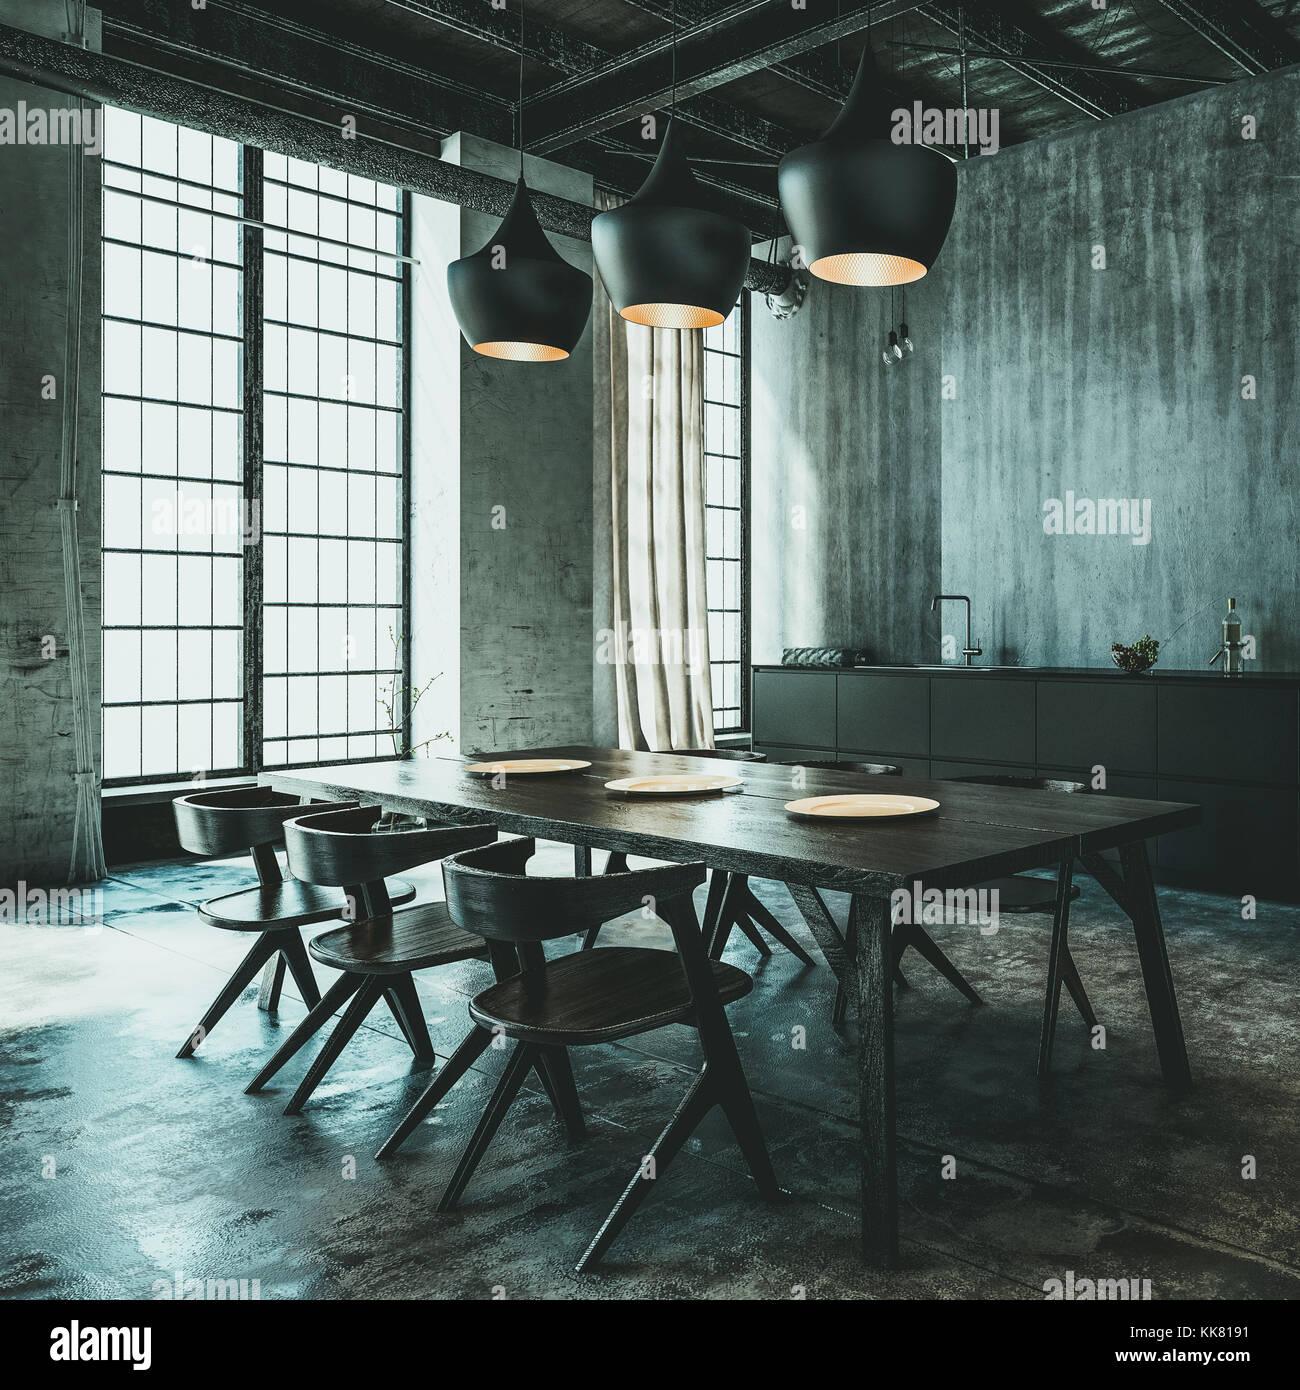 Die moderne industrielle Dachbodenumwandlung Essbereich mit Tisch ...